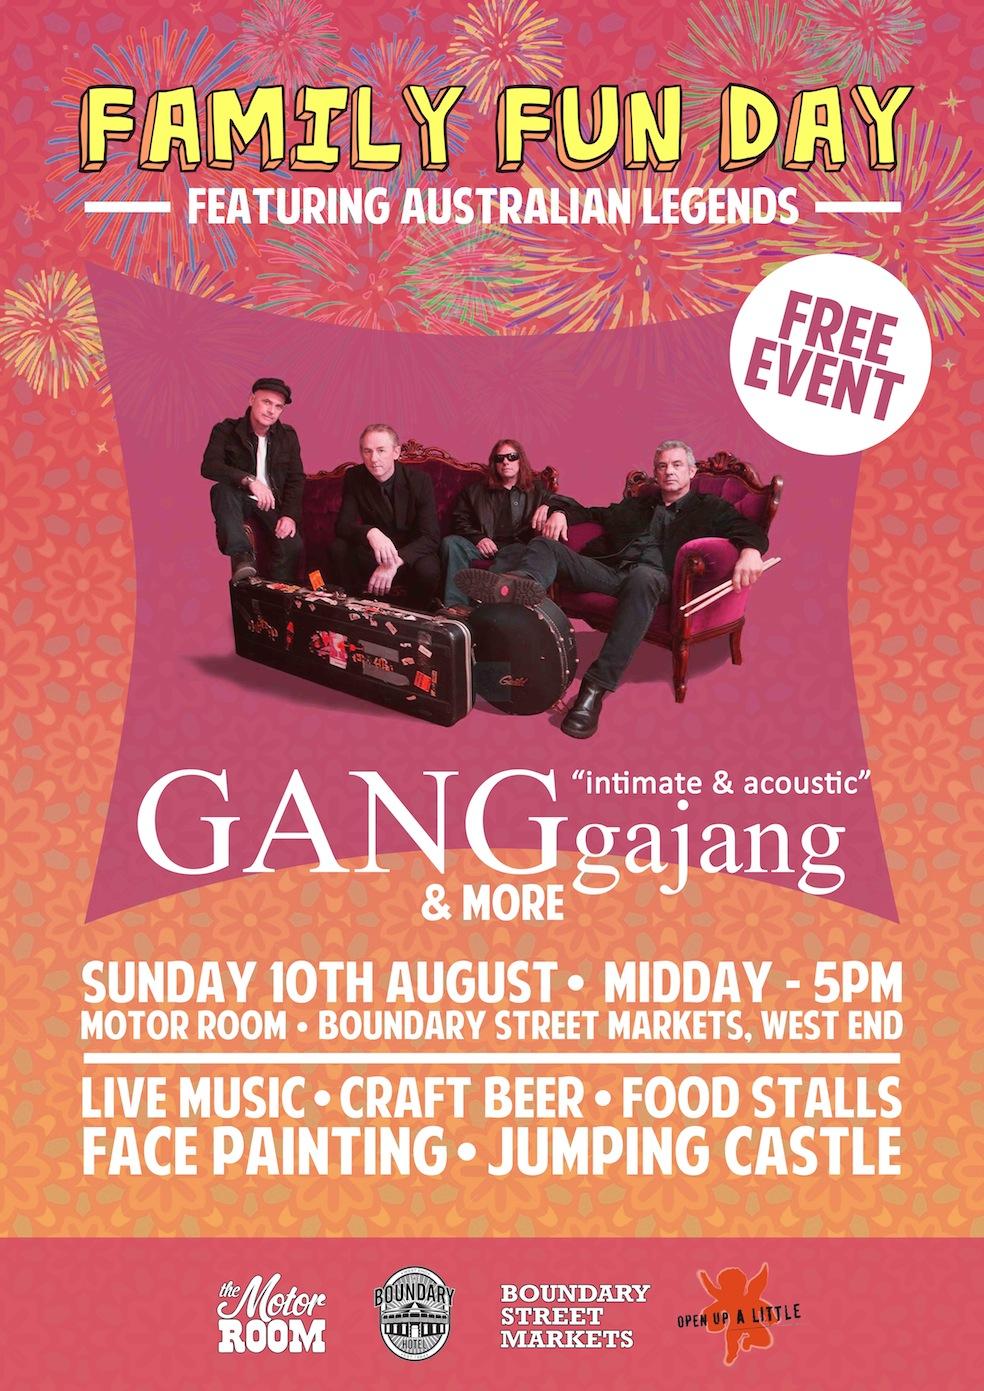 Ganggajang Family Fun